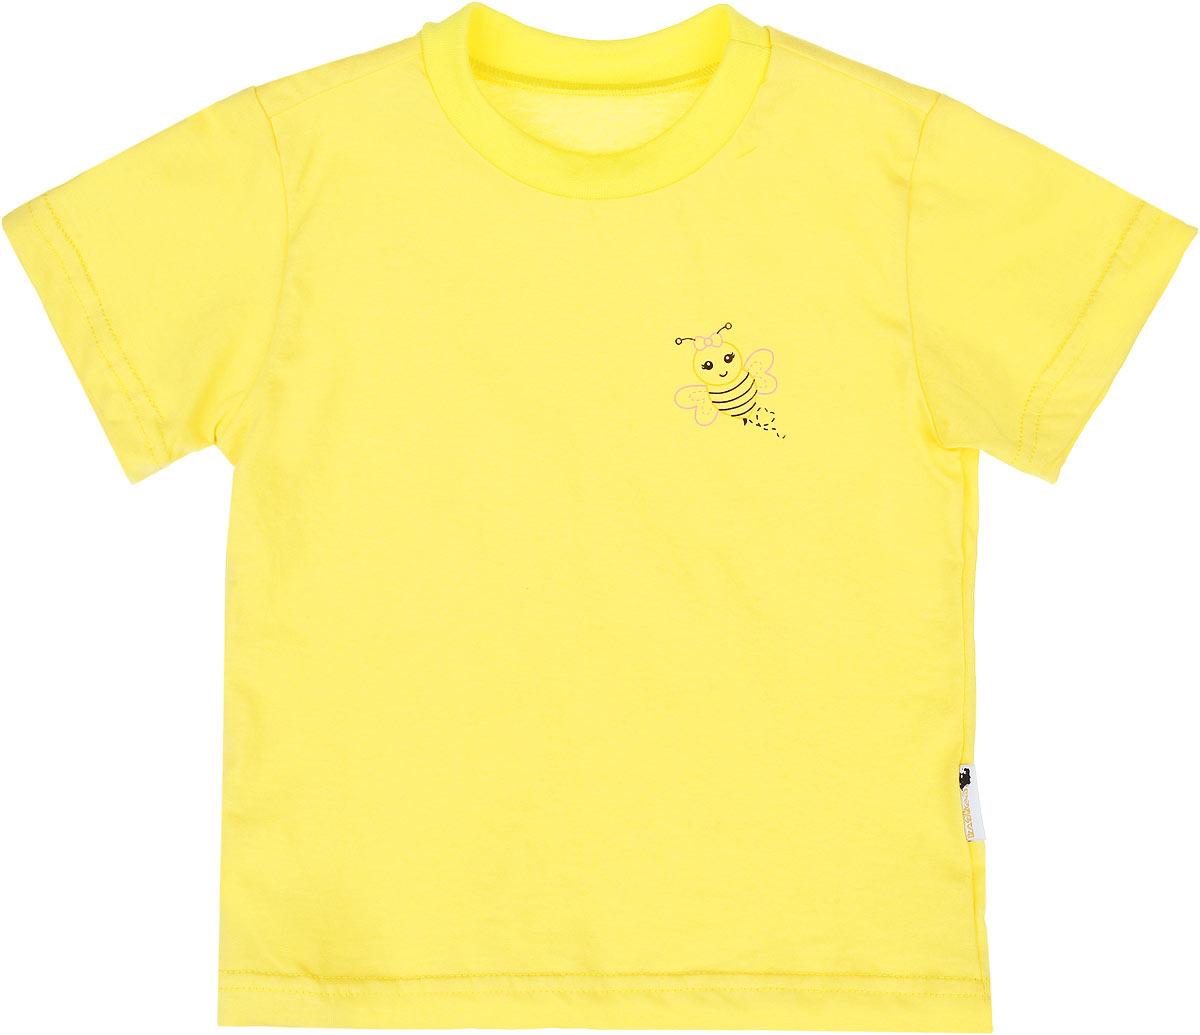 Футболка детская Клякса, цвет: желтый. 10-718. Размер 2610-718Детская футболка Клякса идеально подойдет вашему ребенку. Изготовленная из натурального хлопка, она необычайно мягкая и приятная на ощупь, не сковывает движения ребенка и позволяет коже дышать, не раздражает даже самую нежную и чувствительную кожу, обеспечивая наибольший комфорт. Футболка с круглым вырезом горловины и короткими рукавами оформлена на груди небольшим принтом с изображением пчелки. Вырез горловины дополнен эластичной трикотажной резинкой.